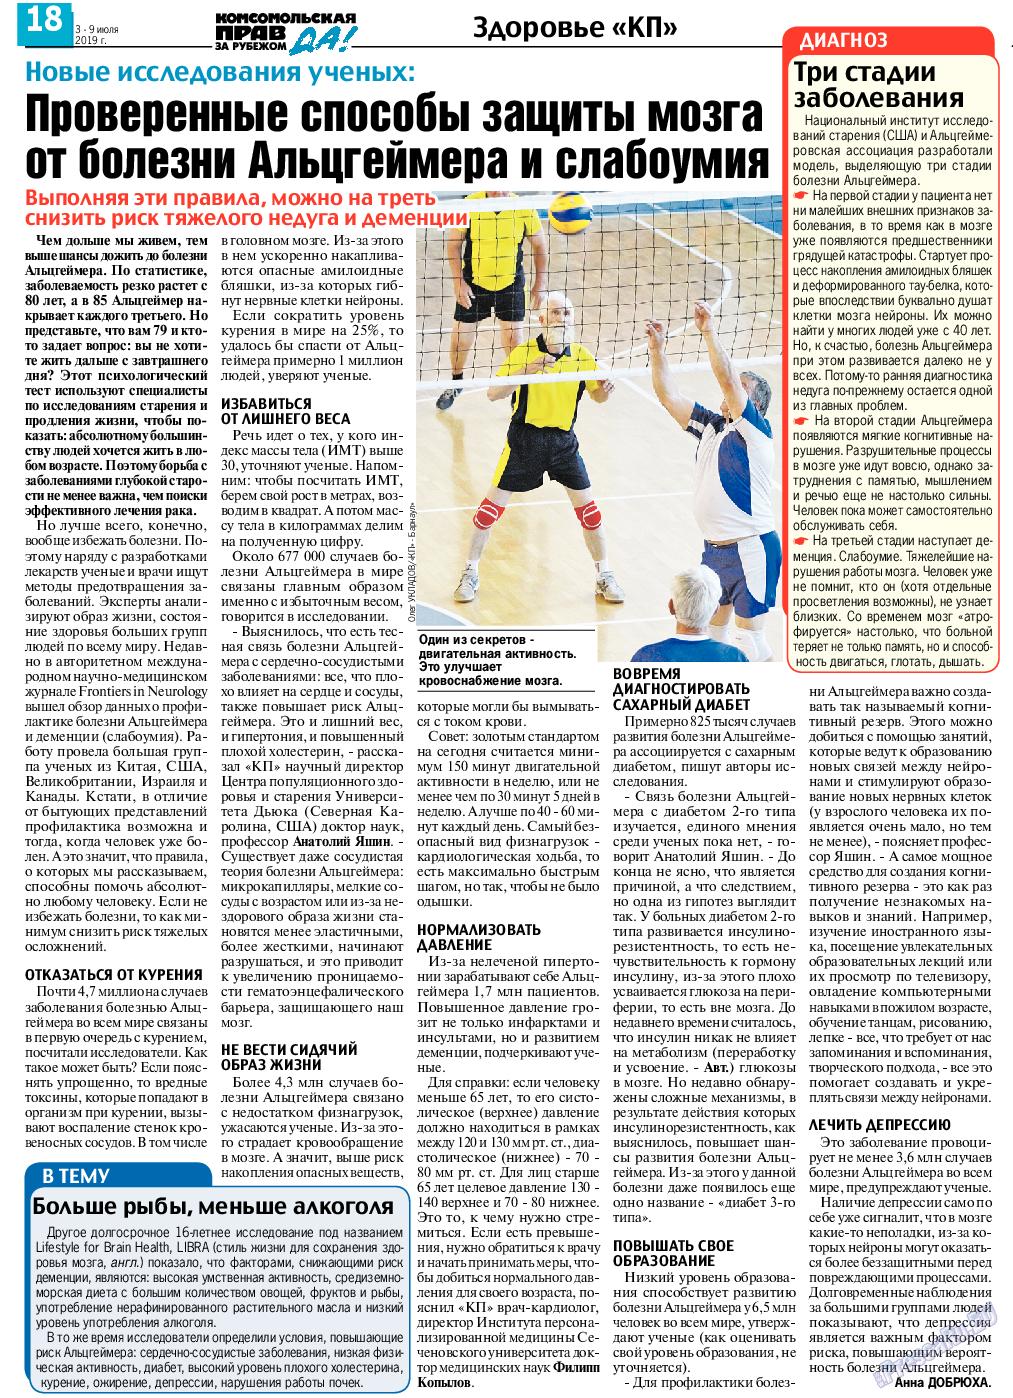 КП в Европе (газета). 2019 год, номер 27, стр. 18